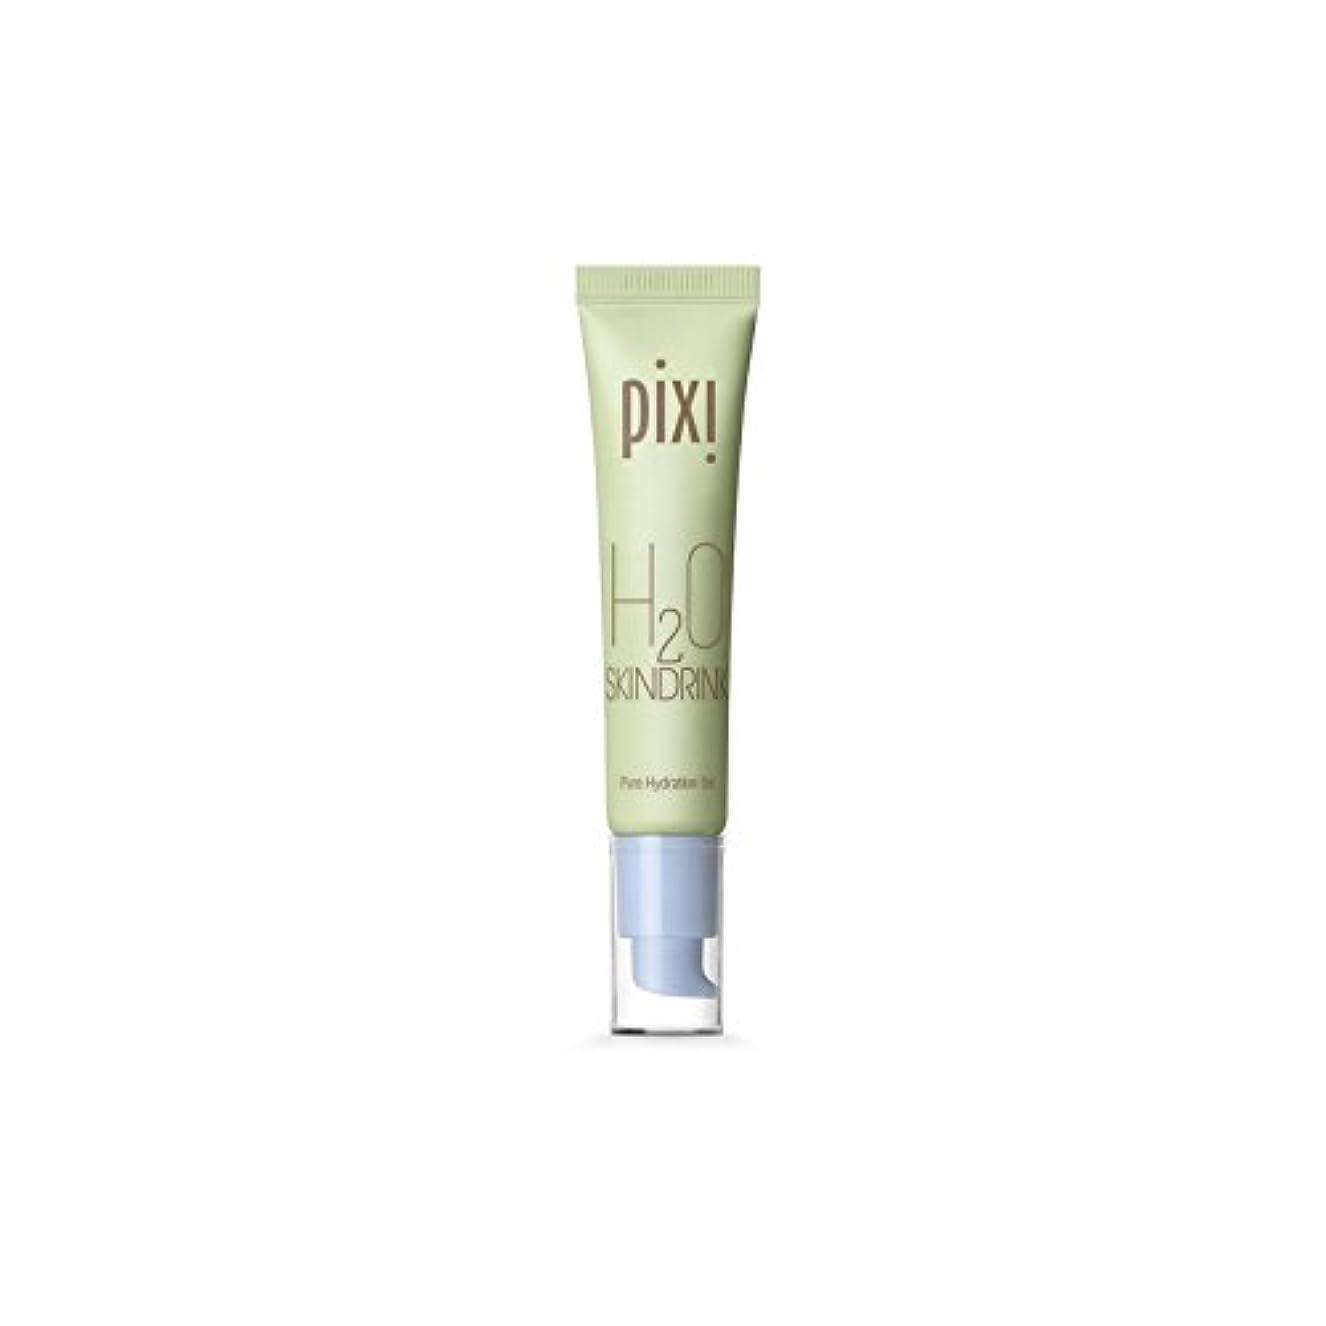 未来寮権限Pixi H20 Skin Drink - 20スキンドリンク [並行輸入品]